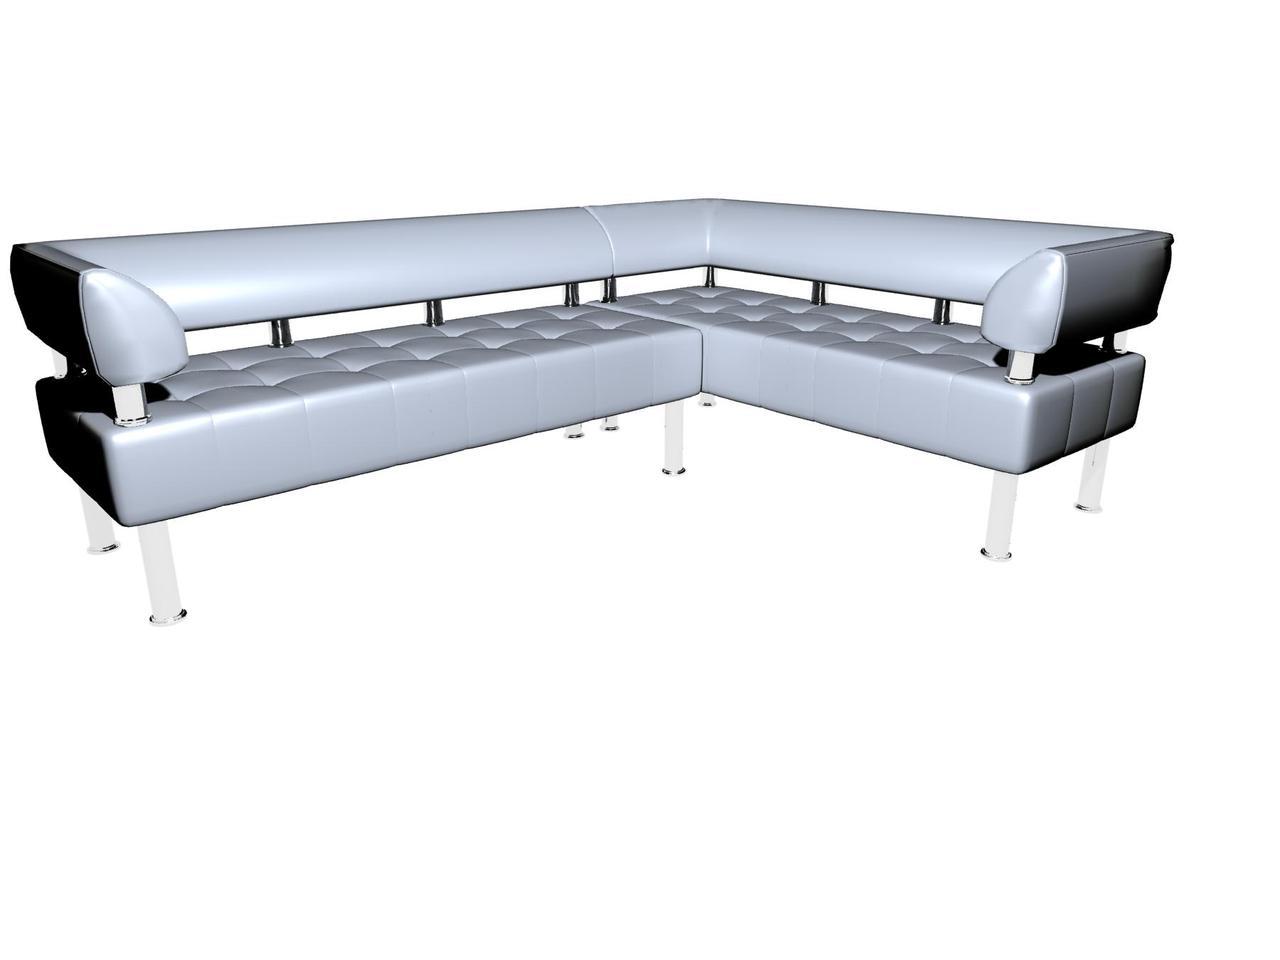 Комплект Тонус Sentenzo 2200x1600x700 мм Білий (21432189422)